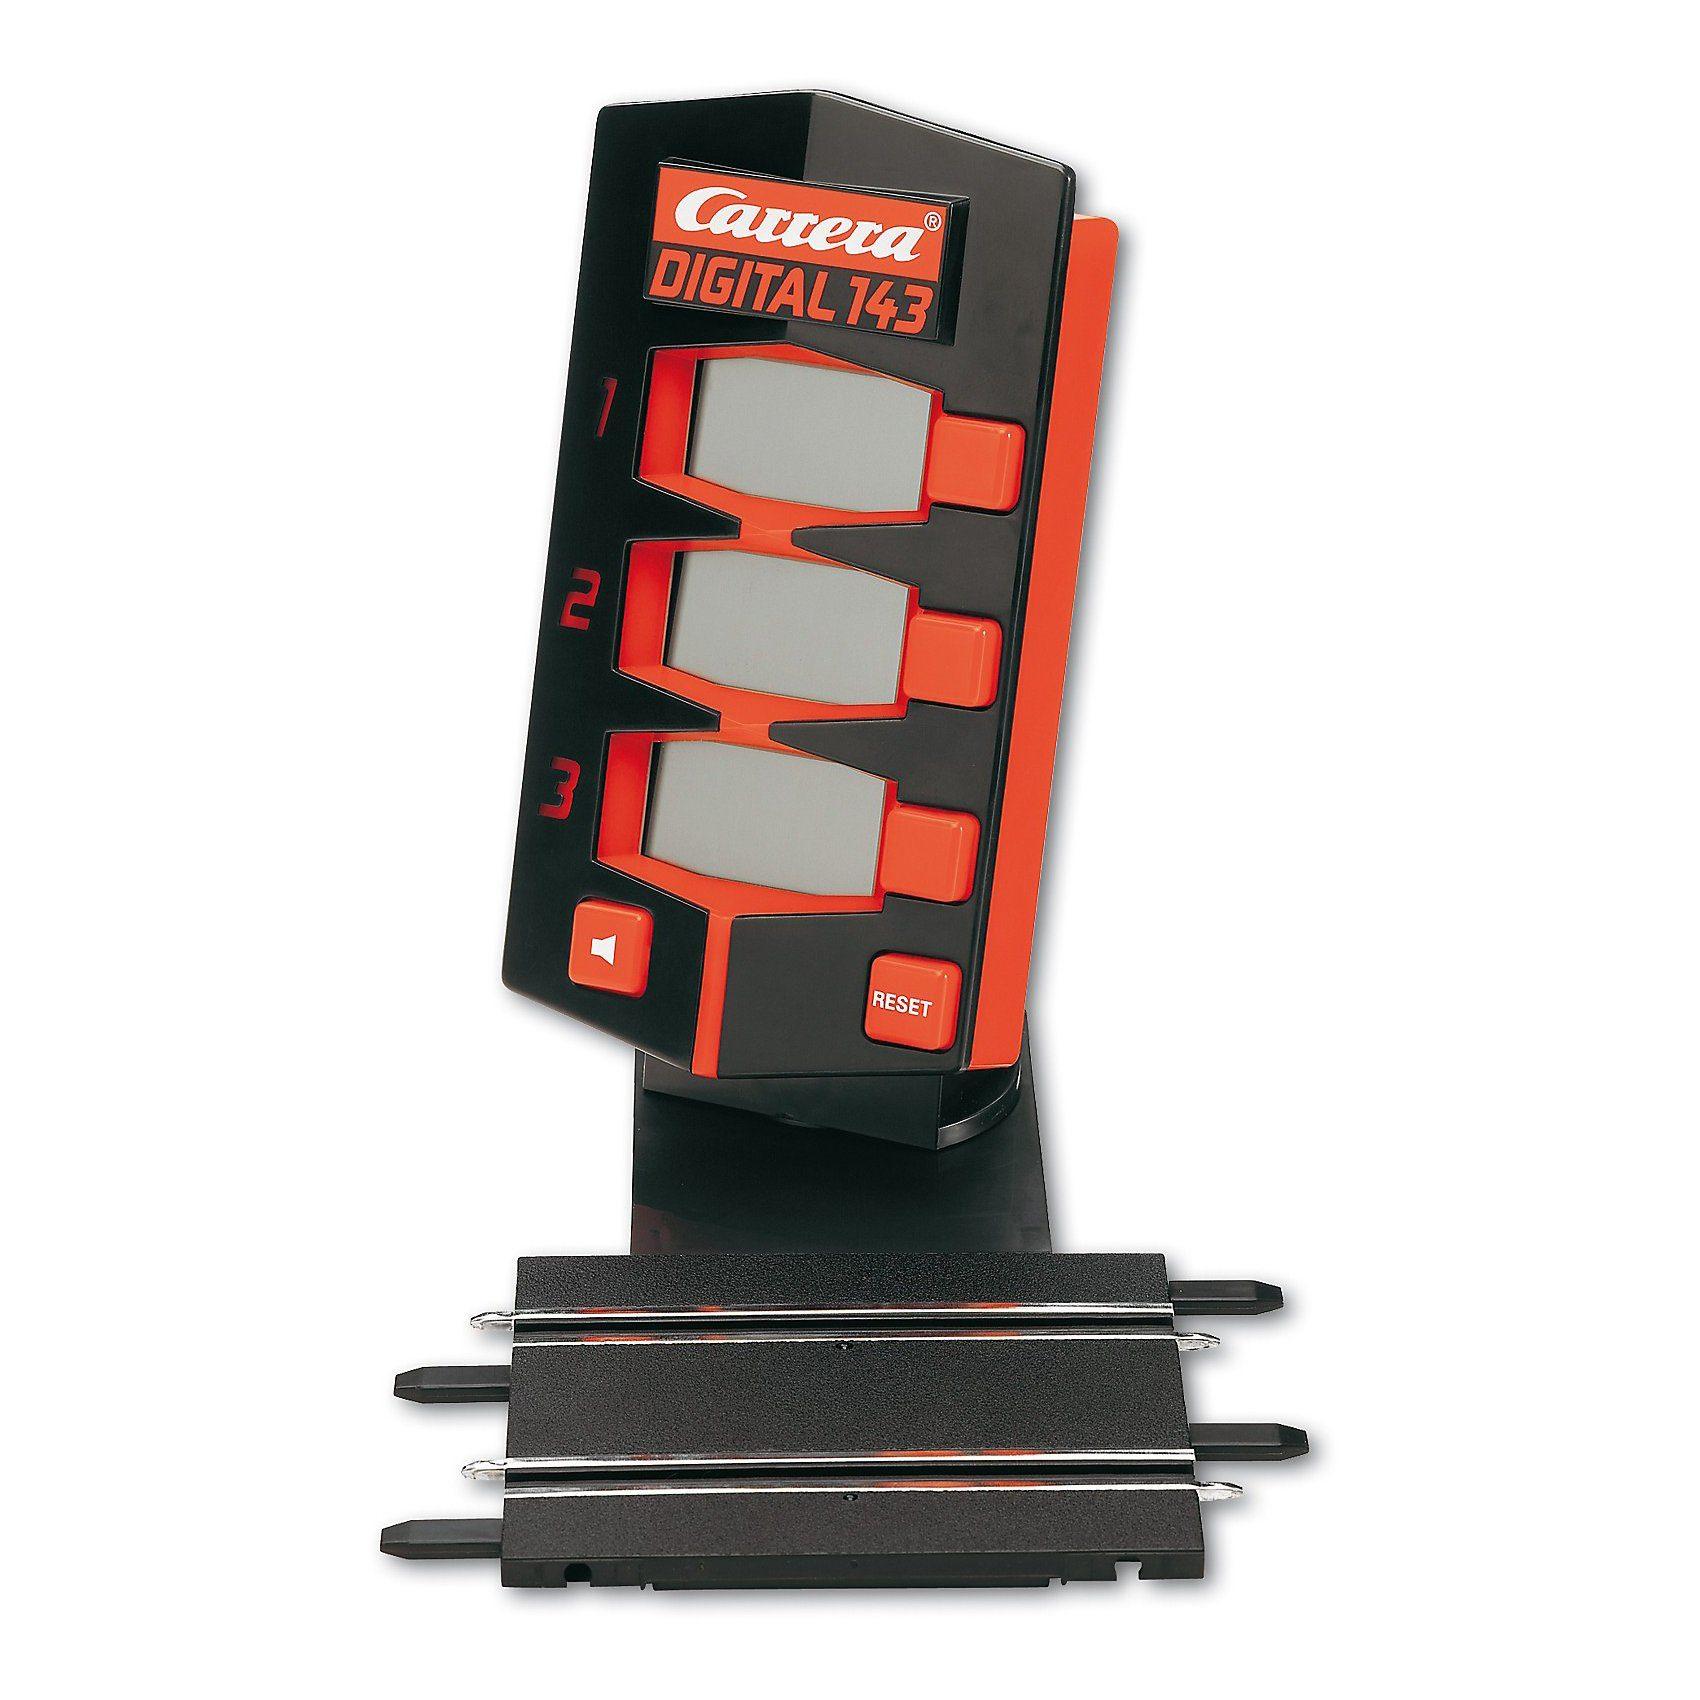 Carrera® DIGITAL 143 42008 Digital 143 Rundenzähler